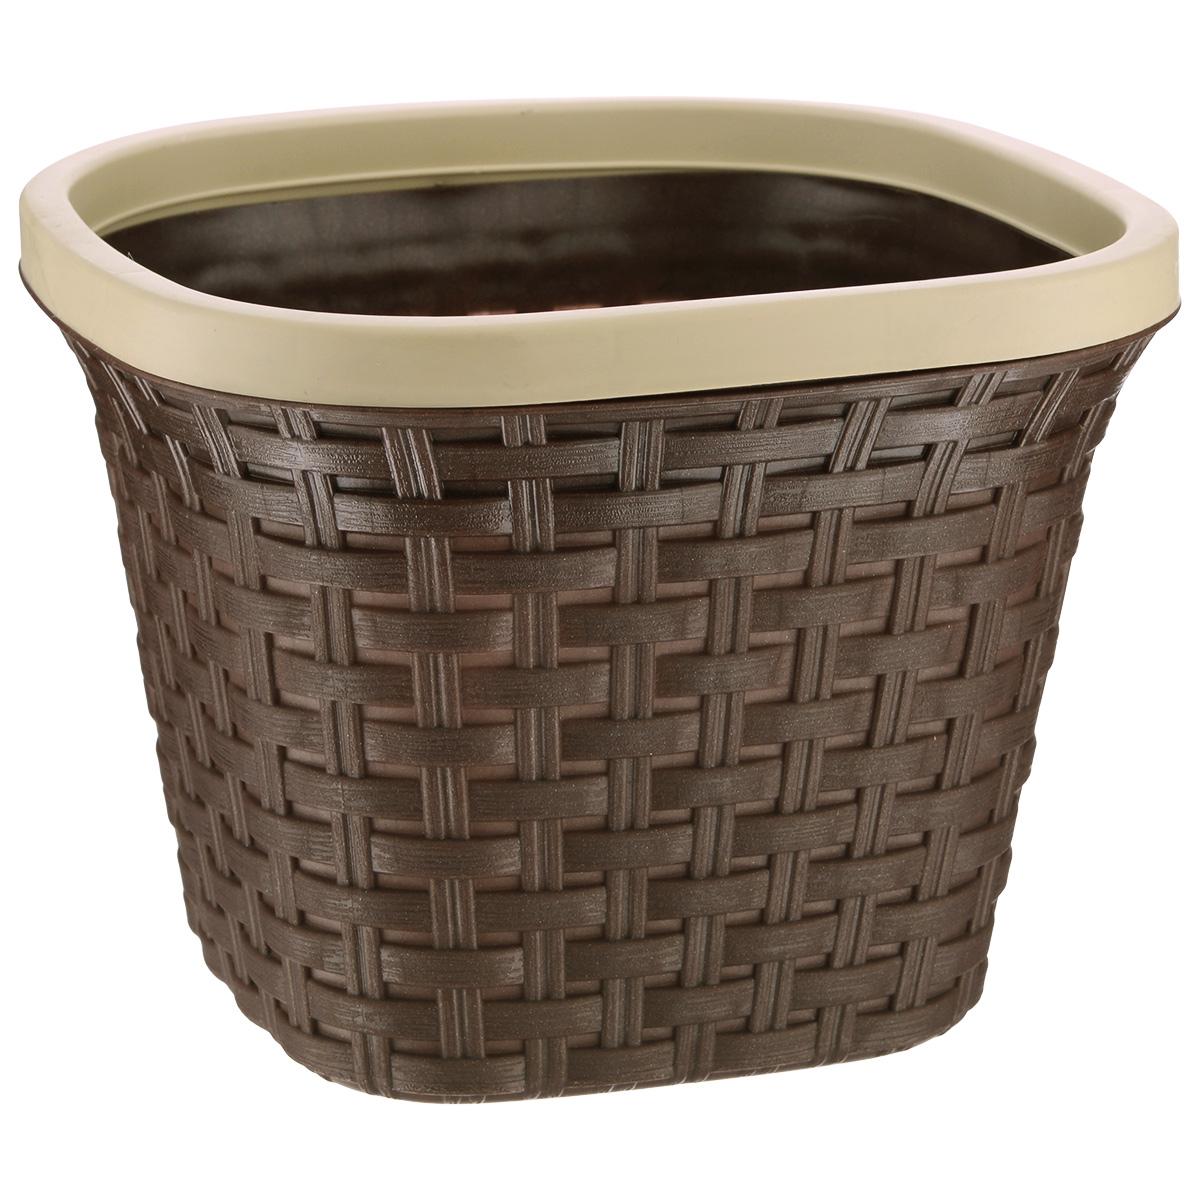 Кашпо Violet Ротанг, с дренажной системой, цвет: коричневый, 2,6 лZ-0307Кашпо Violet Ротанг изготовлено из высококачественного пластика и оснащено дренажной системой для быстрого отведения избытка воды при поливе. Изделие прекрасно подходит для выращивания растений и цветов в домашних условиях. Лаконичный дизайн впишется в интерьер любого помещения.Объем: 2,6 л.